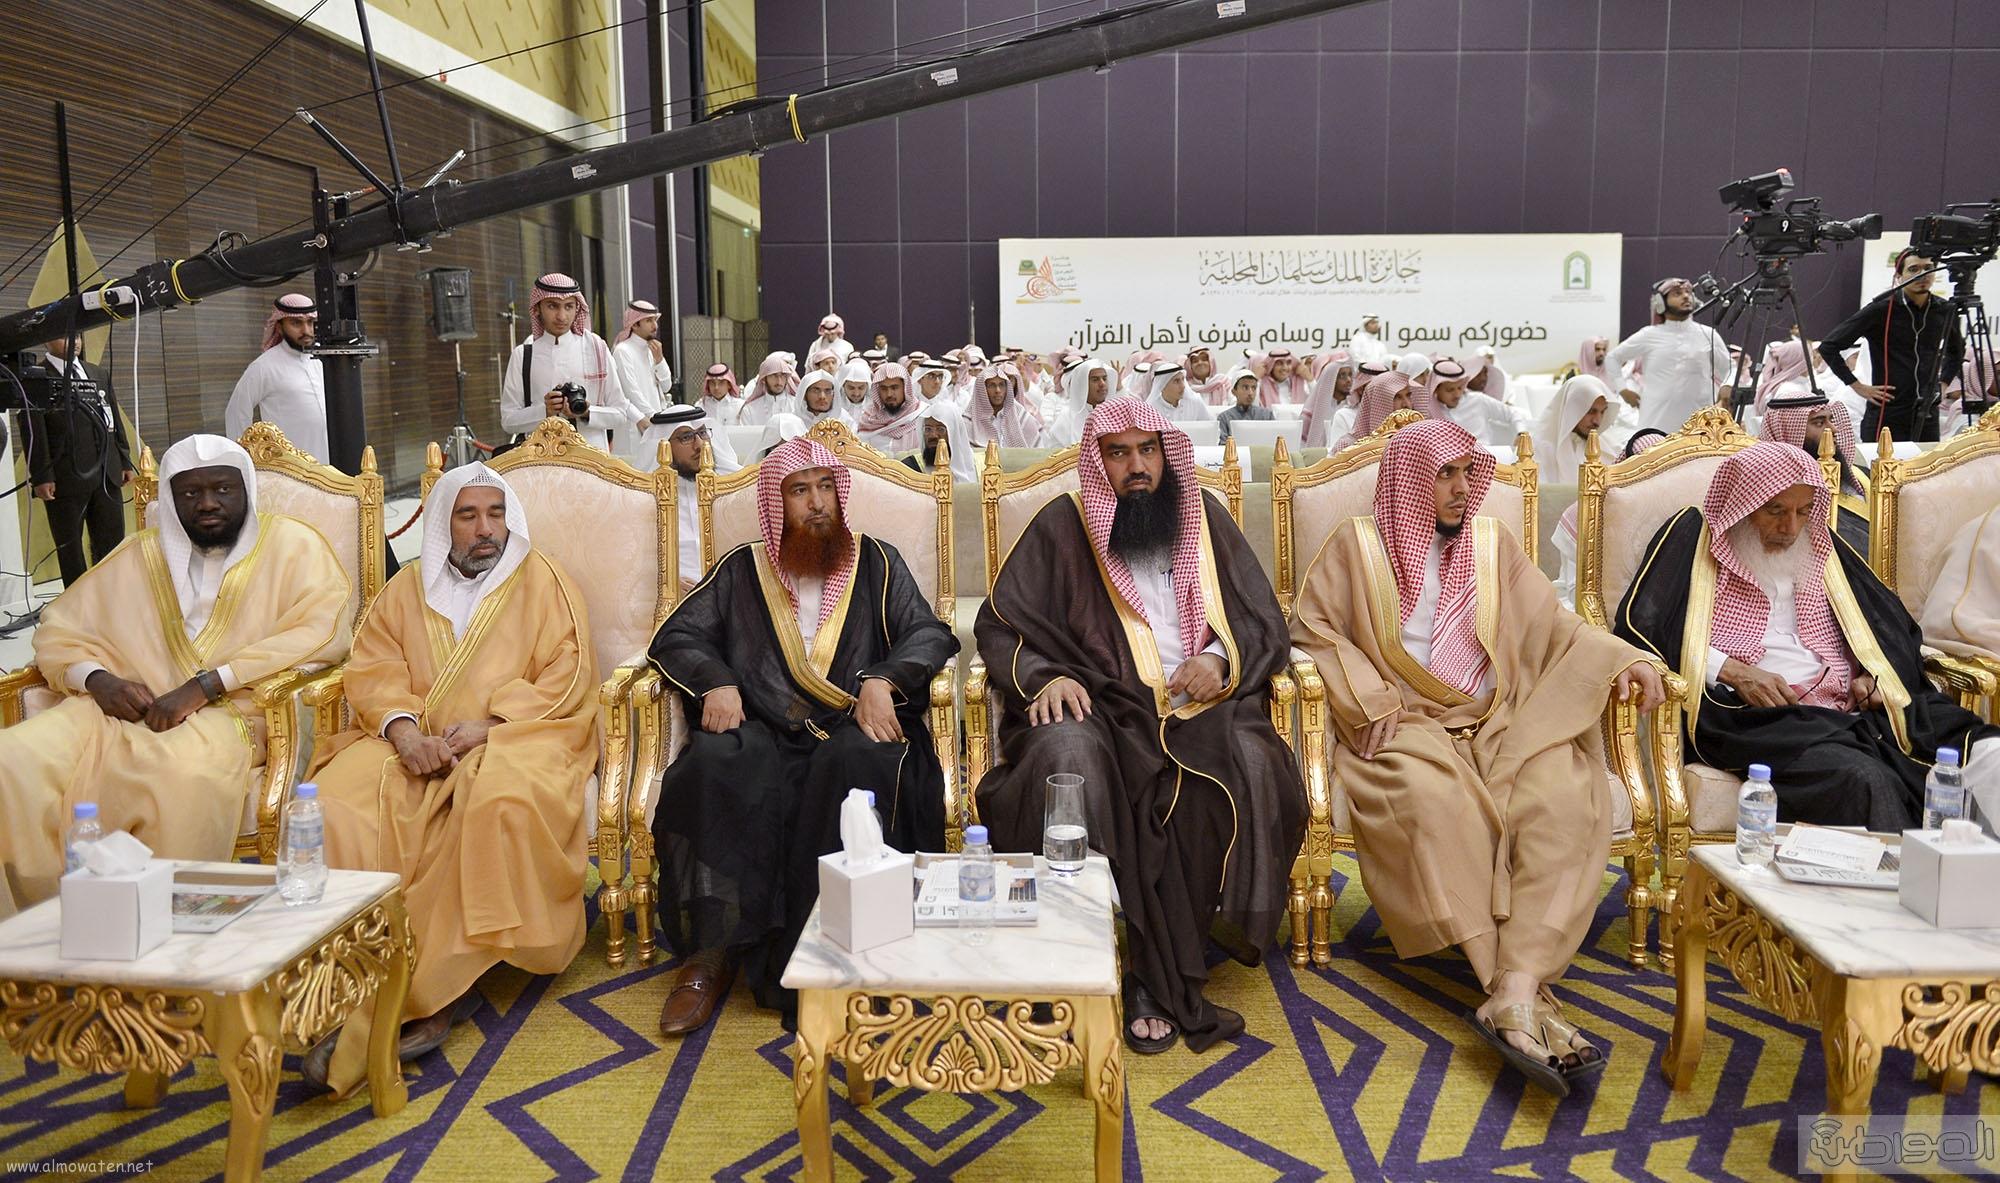 امير منطقة الرياض يرعى حفل اختتام مسابقة جائزة الملك سلمان لحفظ القران الكريم (3)